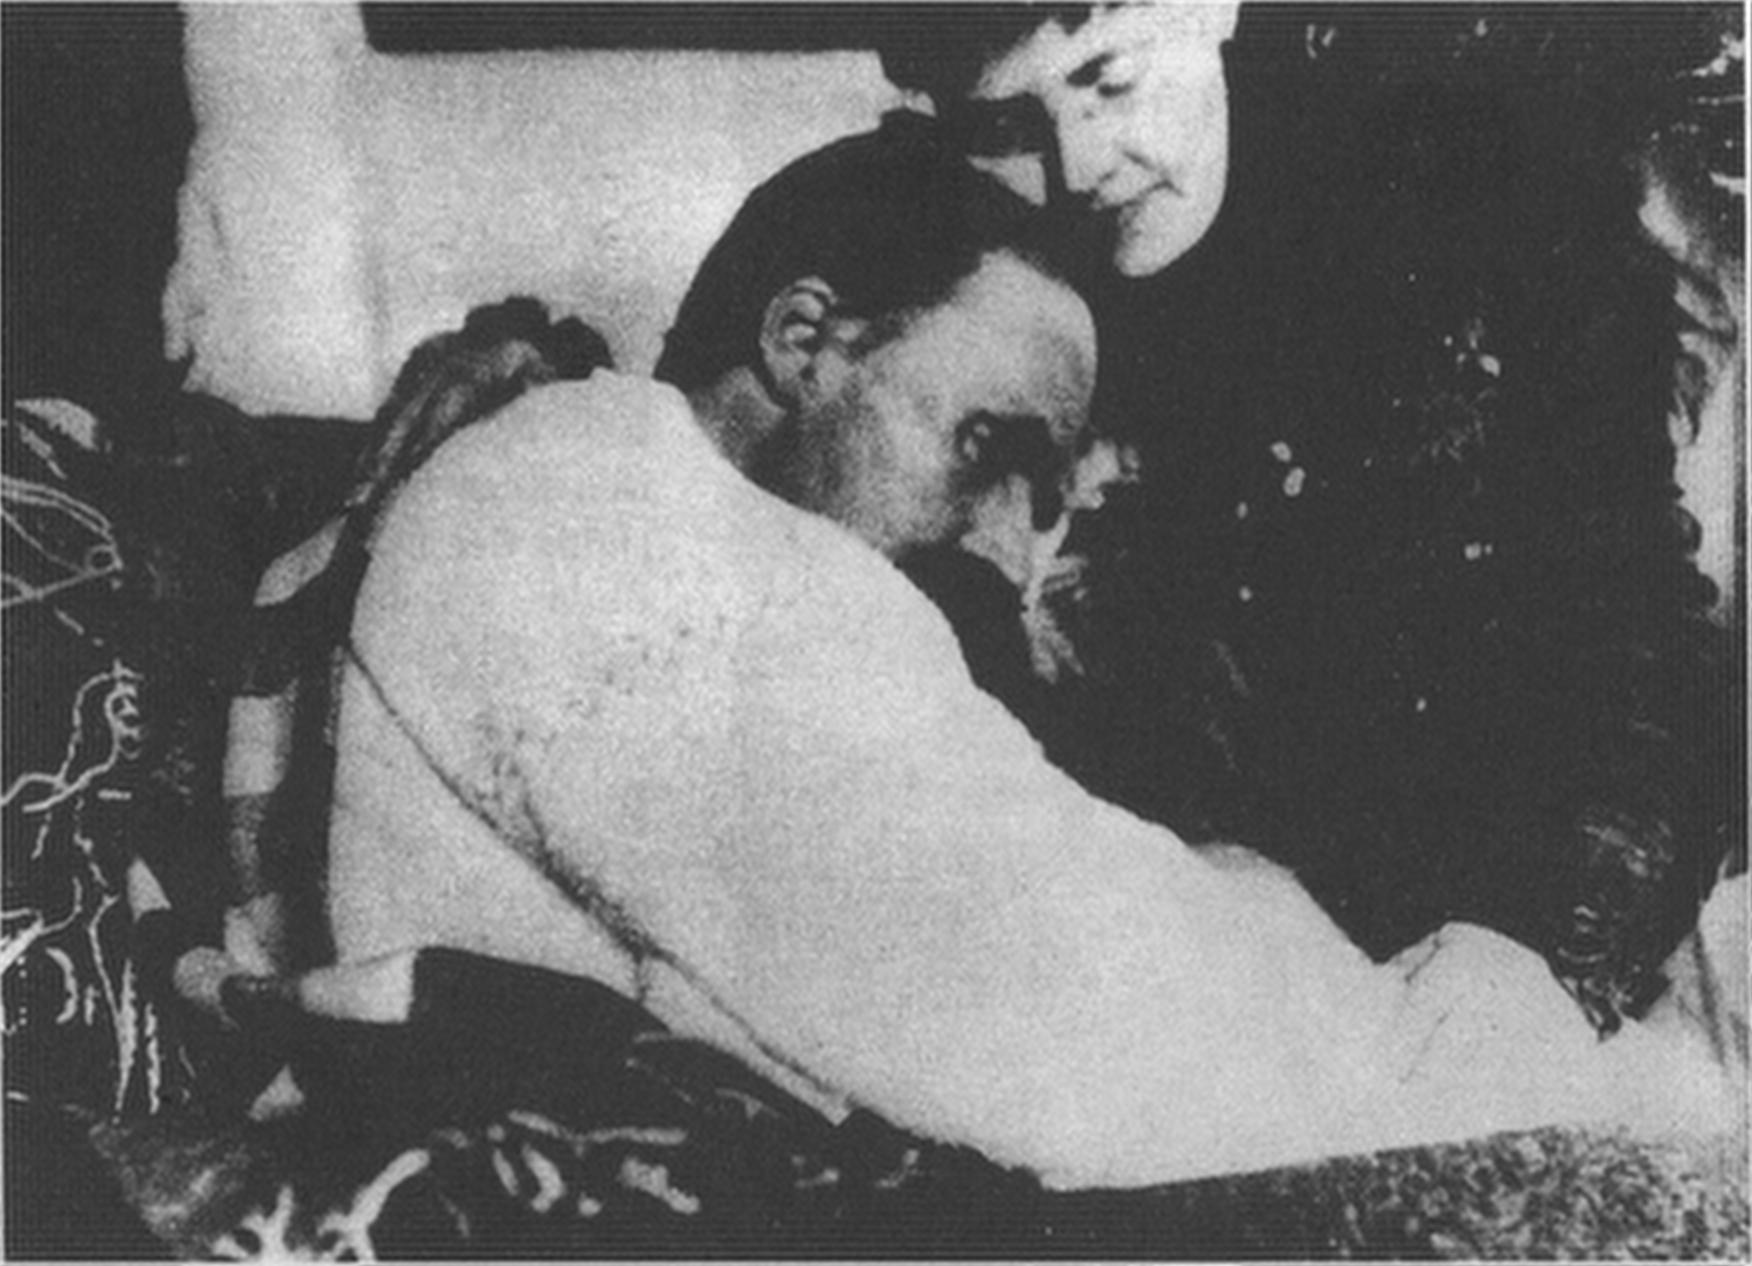 Nietzsche_Olde_06.JPG